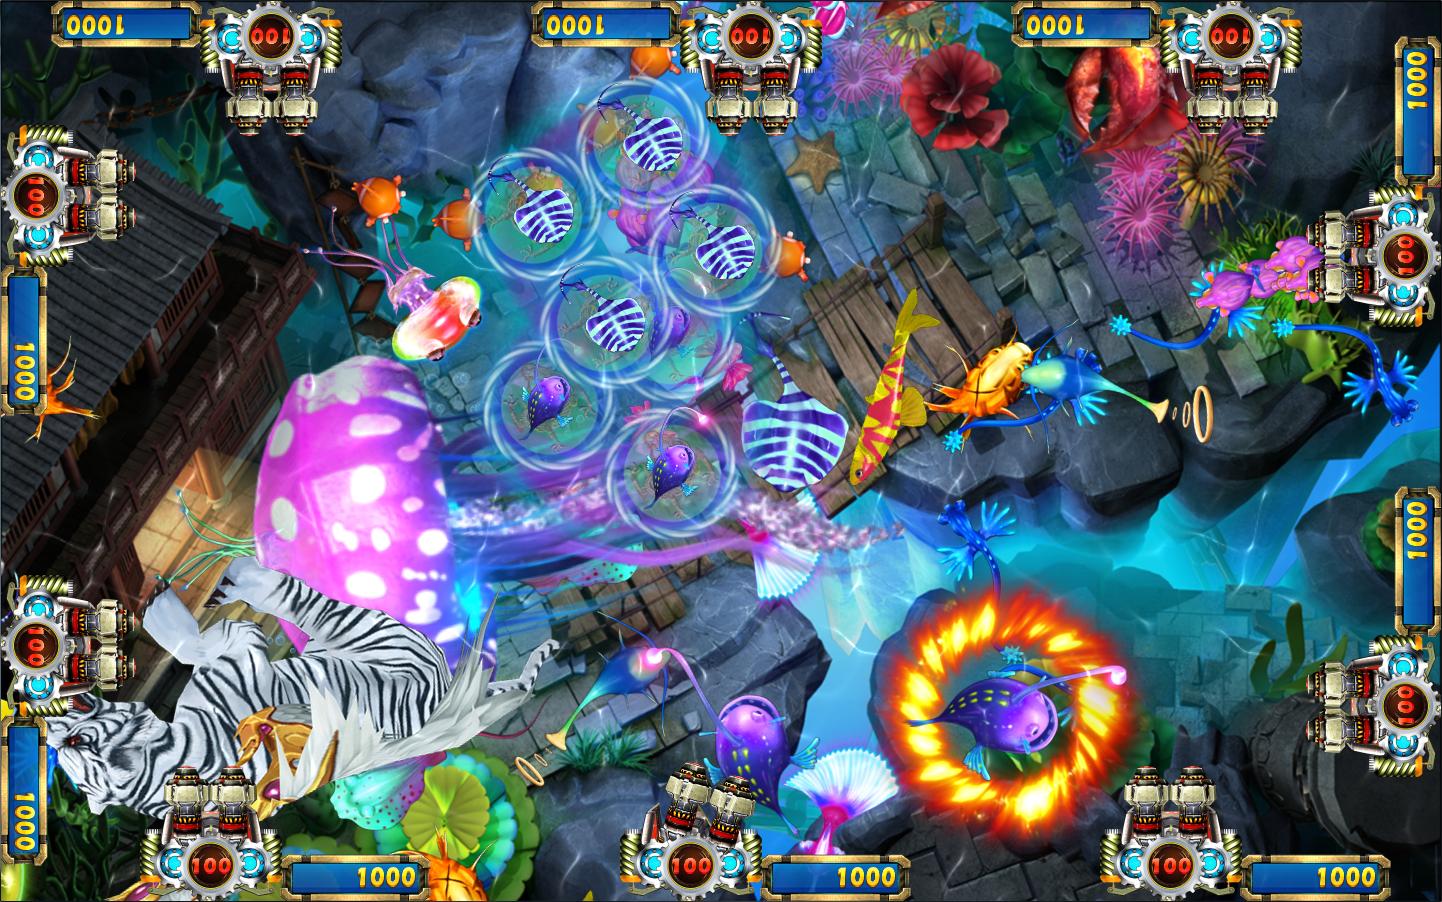 Drachen Strike Jagd Schießen Glücksspiel Arcade Spiel Fisch Spiel Maschine